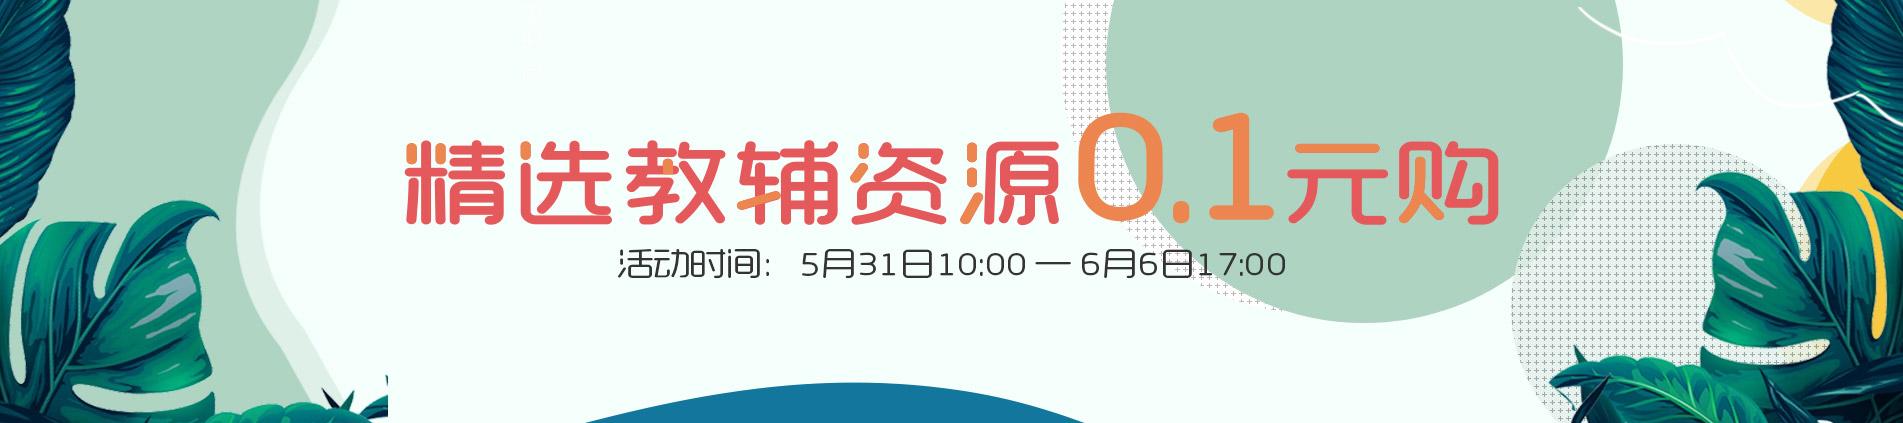 精选教辅资源0.1元购(5与31日至6月6日)